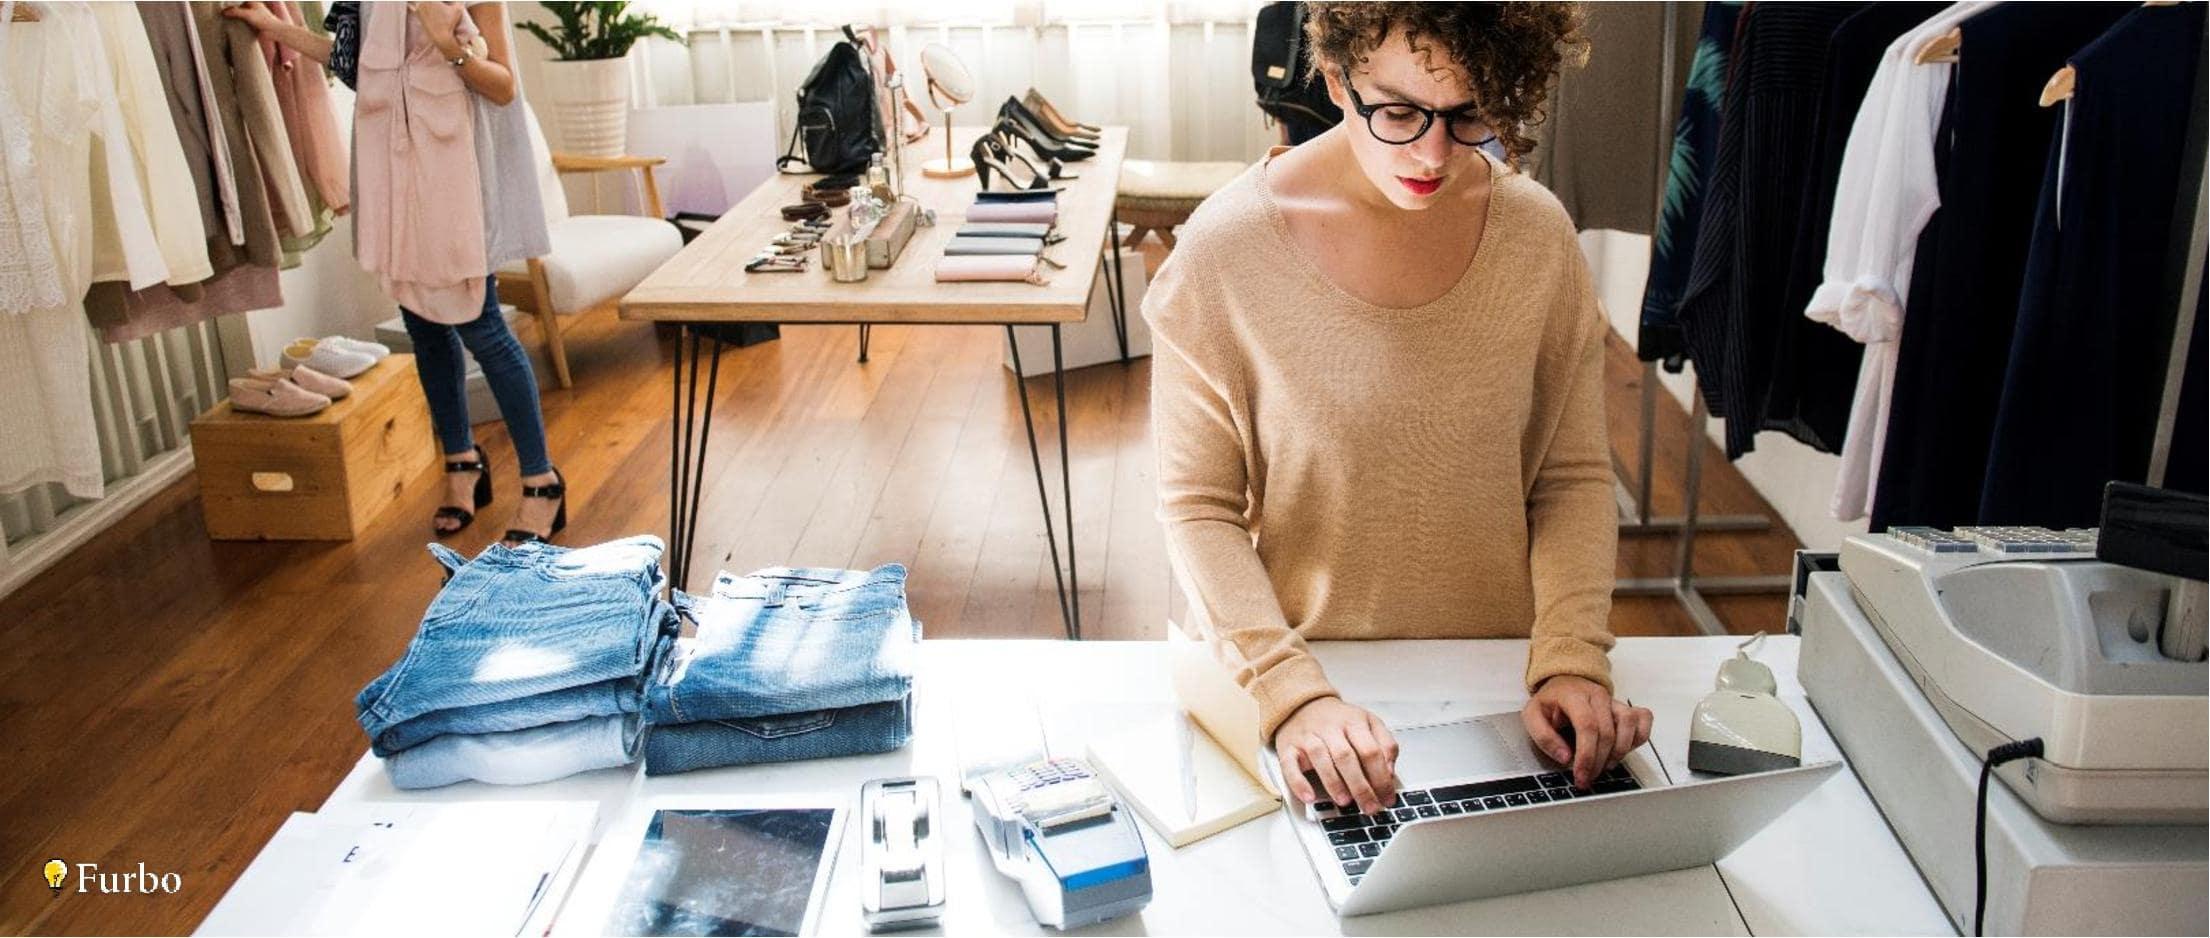 چگونه کالا و محصولات فروشگاه اینترنتی را تامین کنیم؟